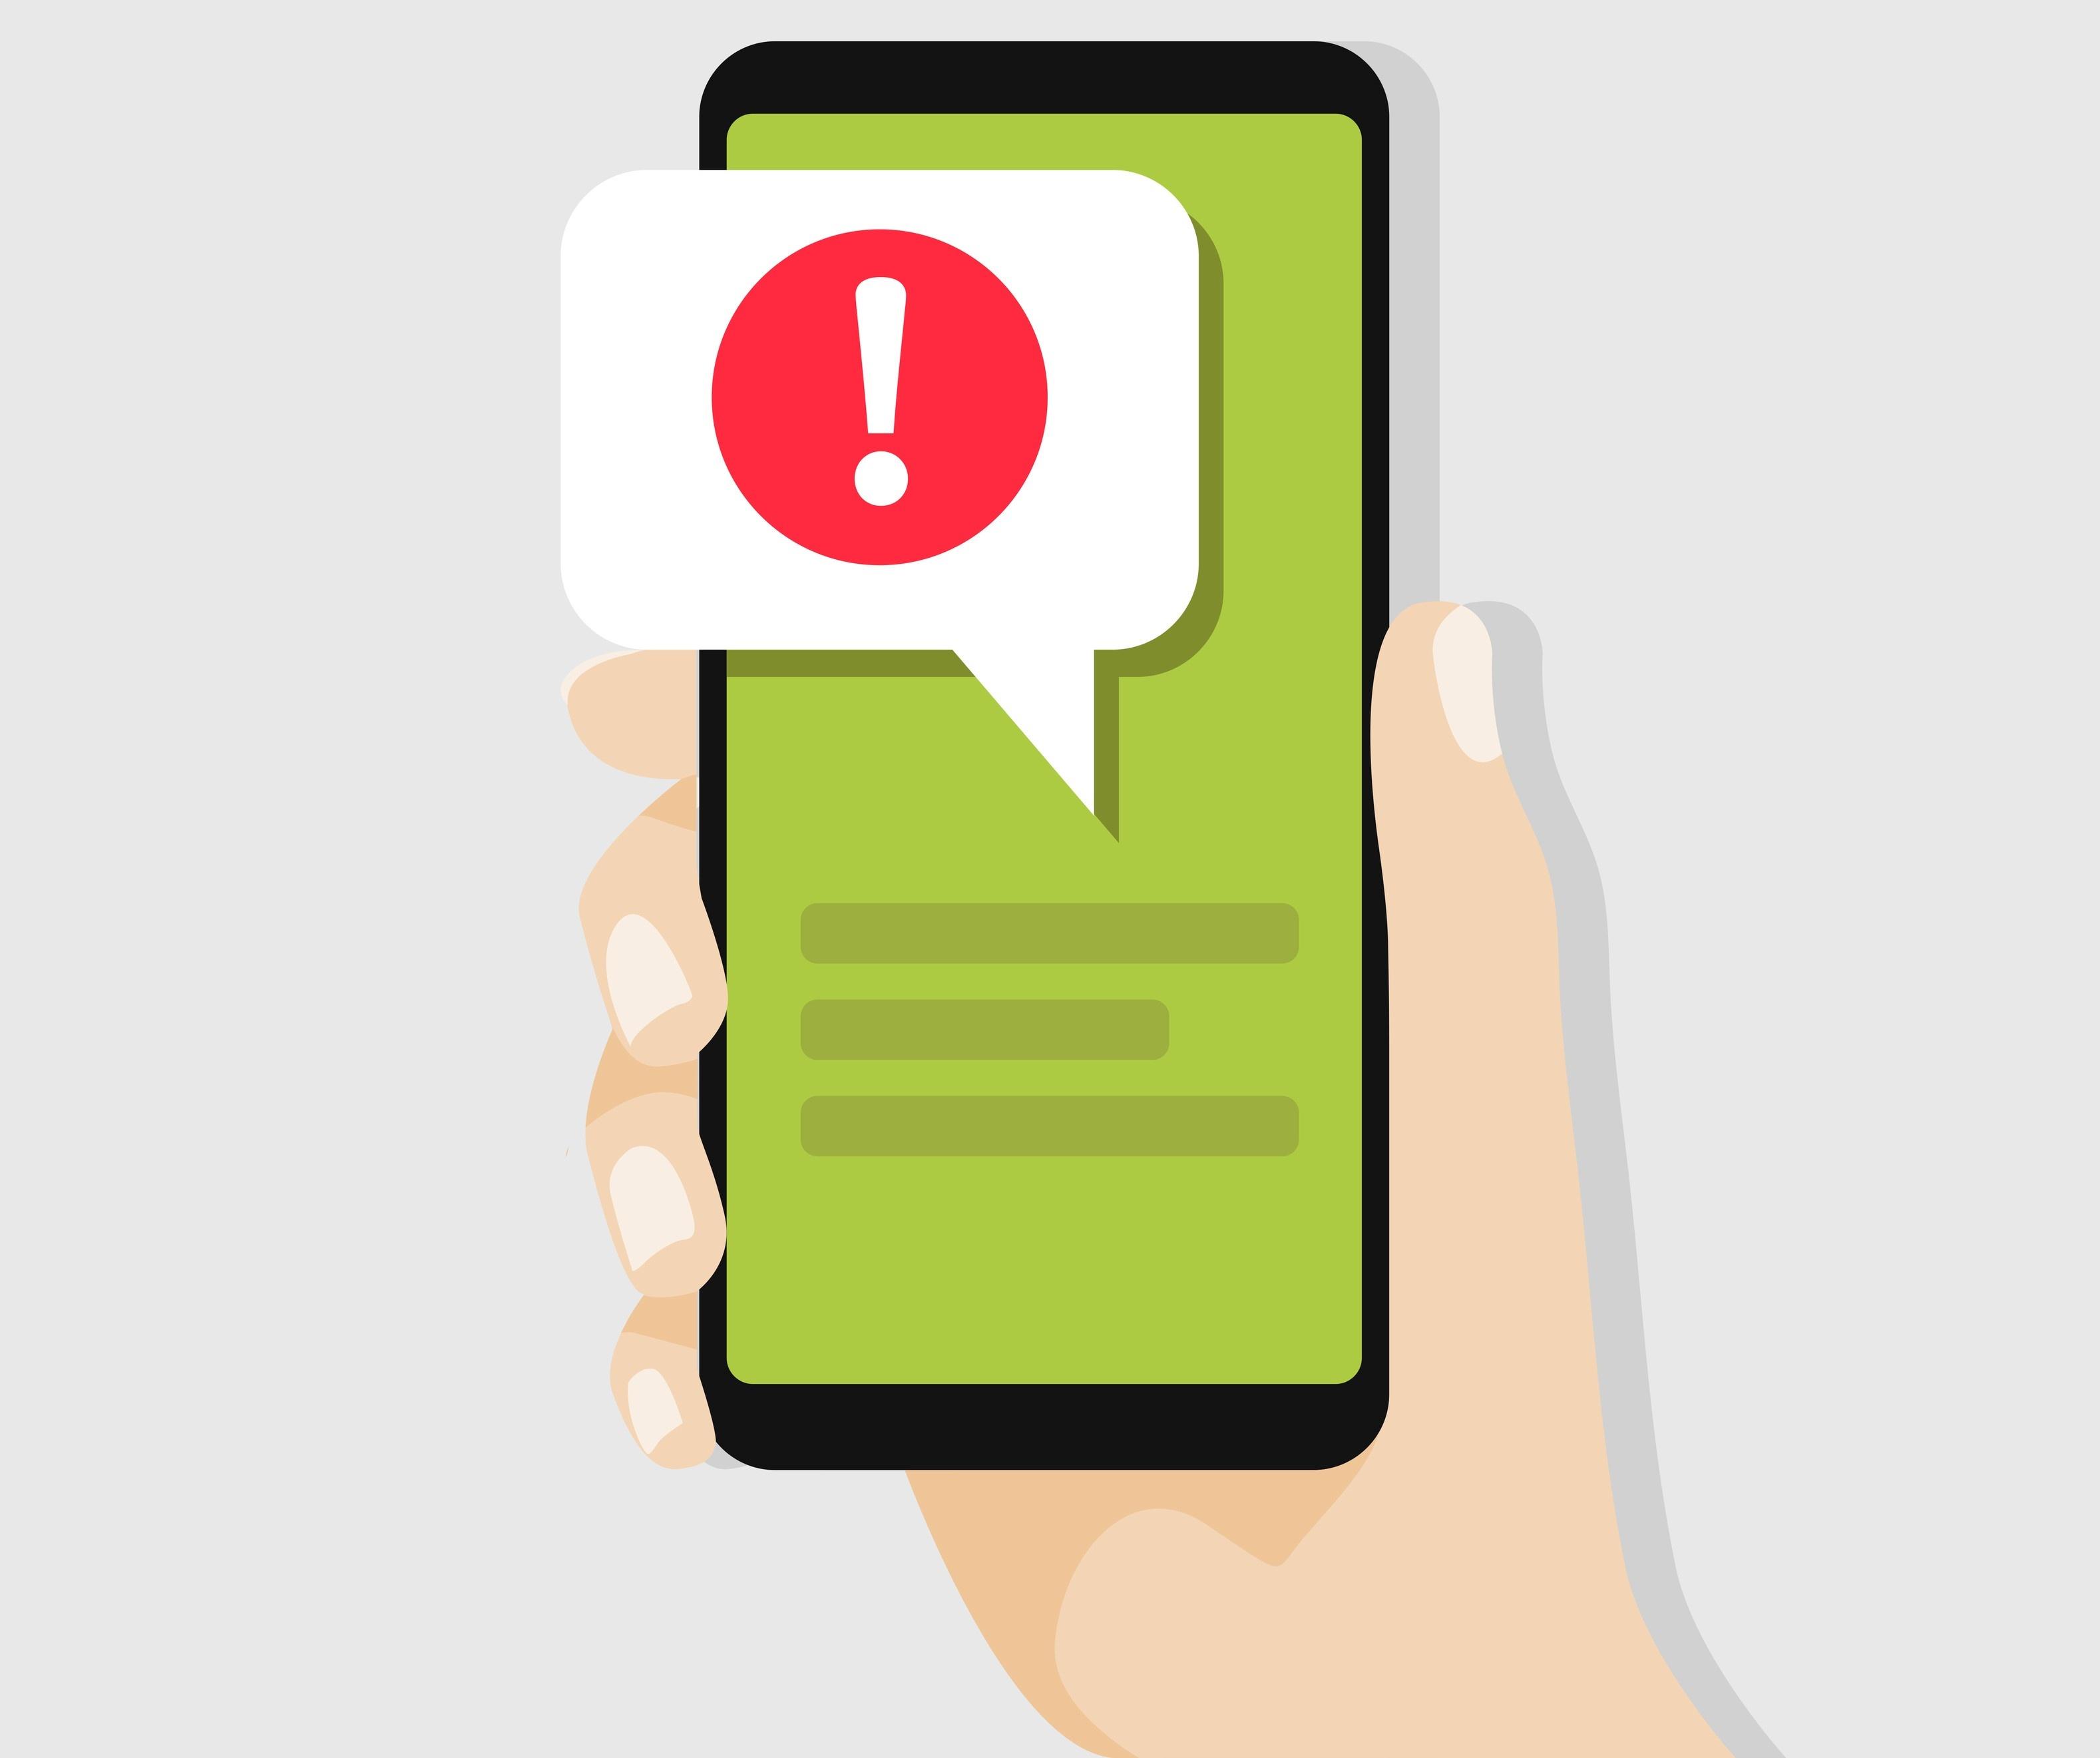 Phone Alert